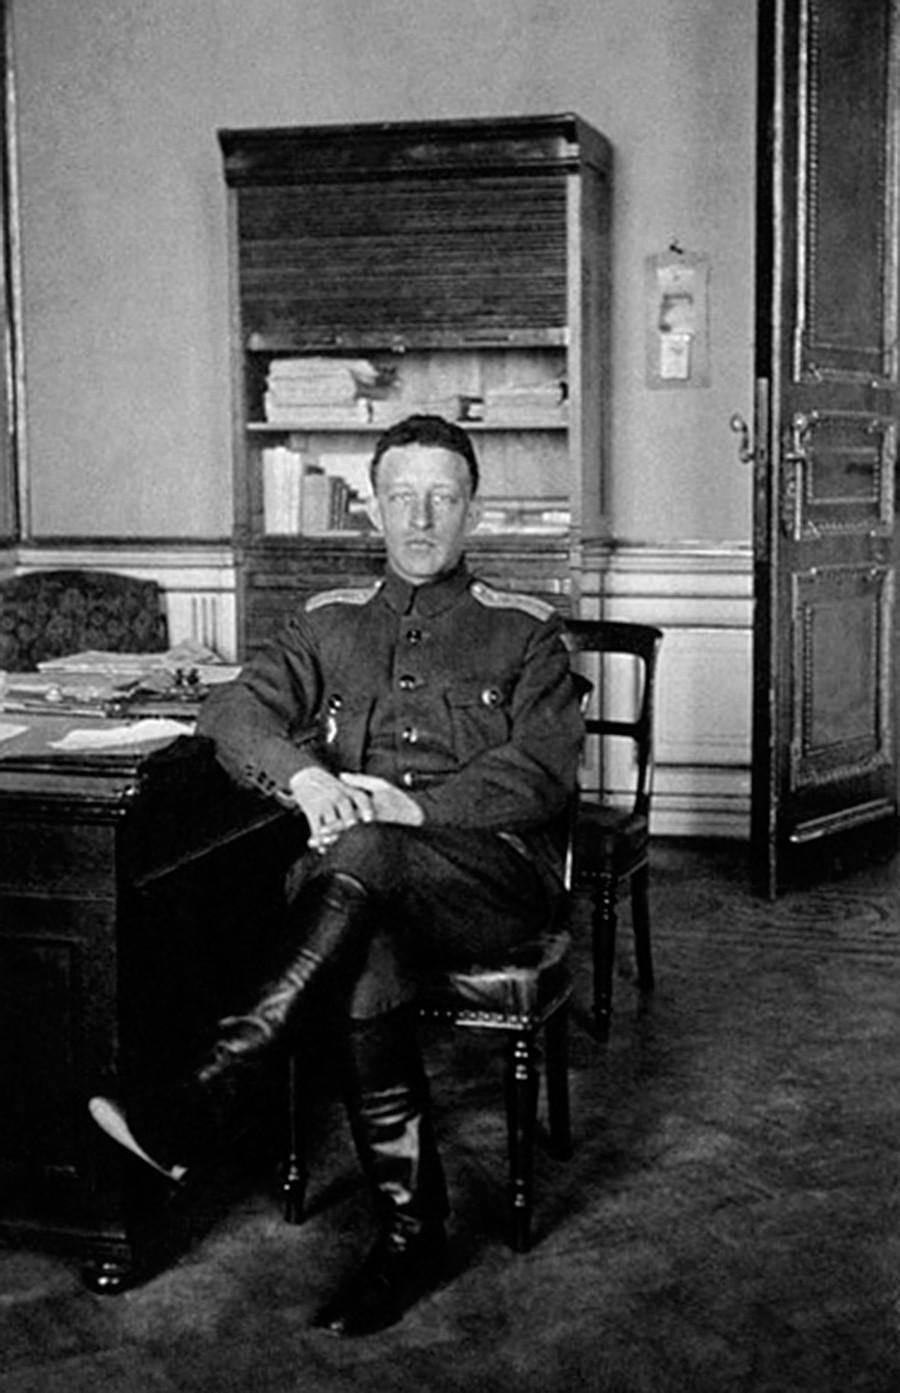 Blok enquanto era membro da Comissão Extraordinária para Investigação dos Crimes de Funcionários Públicos Tsaristas.